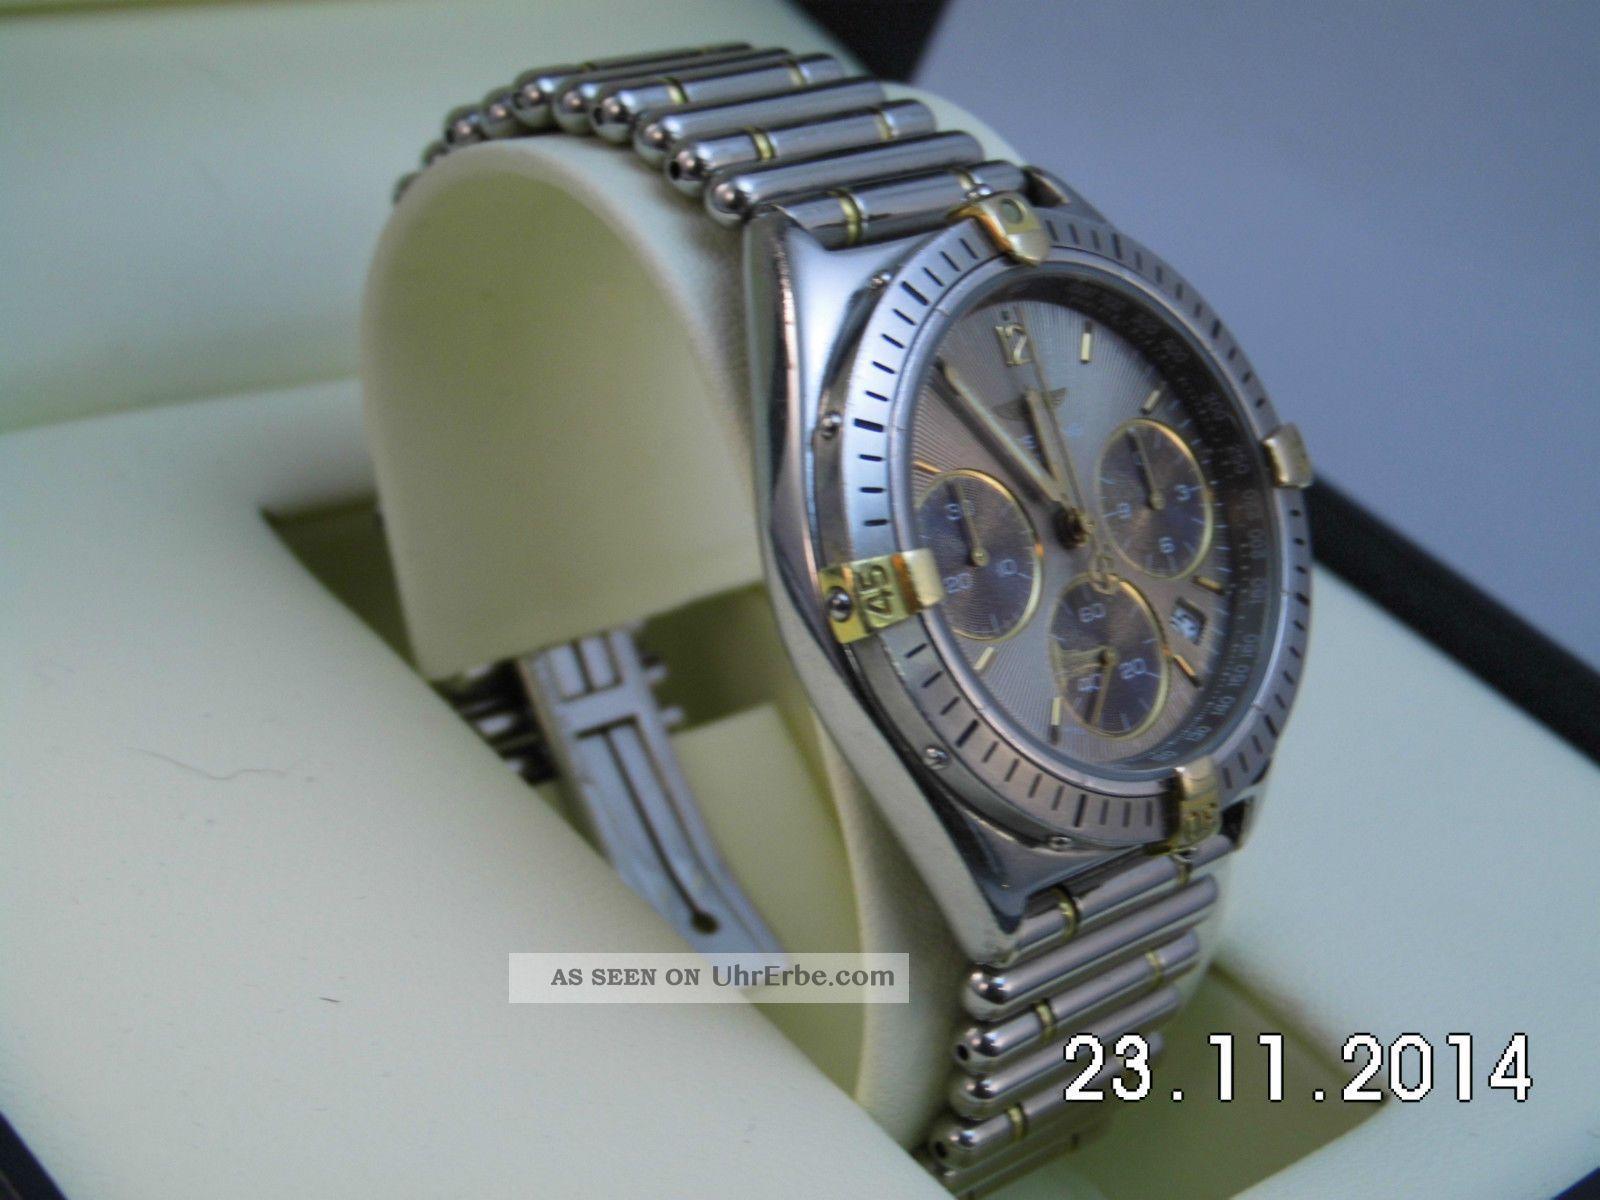 Seltene Breitling Chrono Colt Herrenuhr Unisex Damenuhr Ref.  B55045 Stahl / Gold Armbanduhren Bild